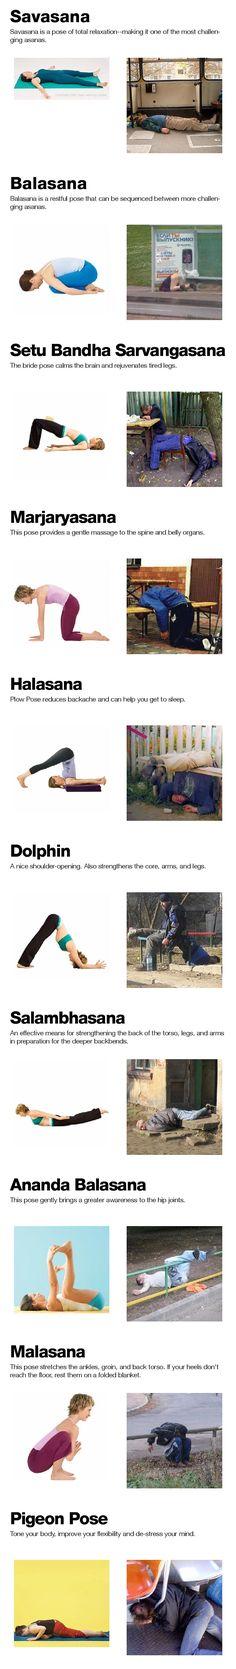 Yoga vs. Vodka - Imgur